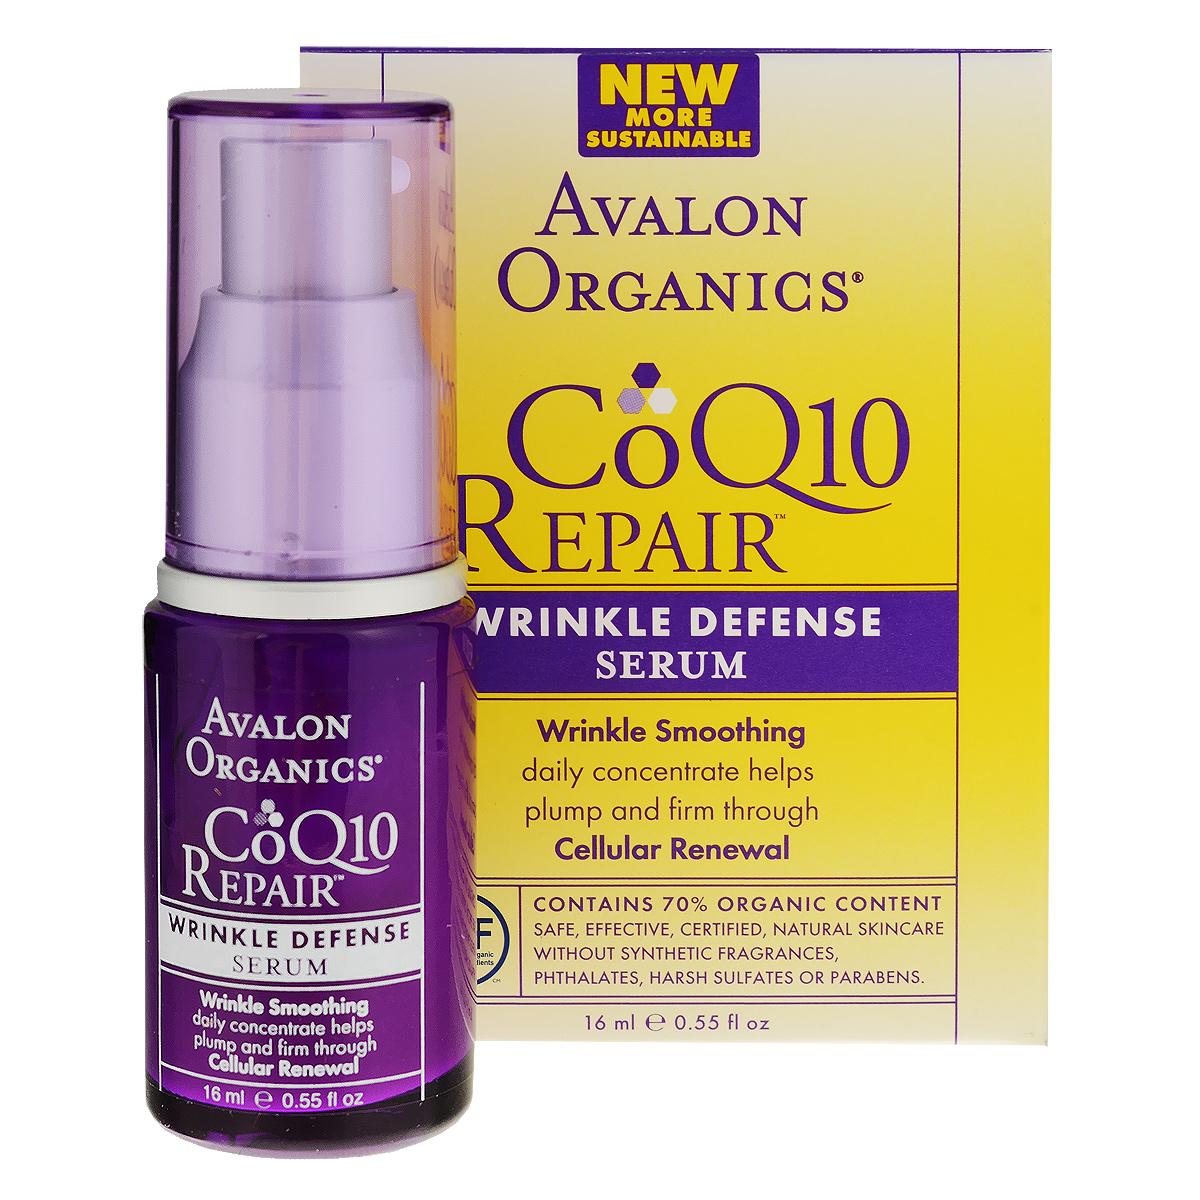 Avalon Organics Сыворотка Wrinkle Defense против морщин, с Co Q10, 16 млAV35800Сыворотка с экстрактами лаванды и белого чая освежает, оживляет и увлажняет кожу. Q10 кофермент жизненно необходимый естественный антиоксидант нашей кожи. Омолаживает, защищает и является источником энергии для клеточного обновления. Способ применения: нанести небольшое количество сыворотки на чистую сухую кожу, распределить до полного впитывания. Наносить утром и вечером, под крем.